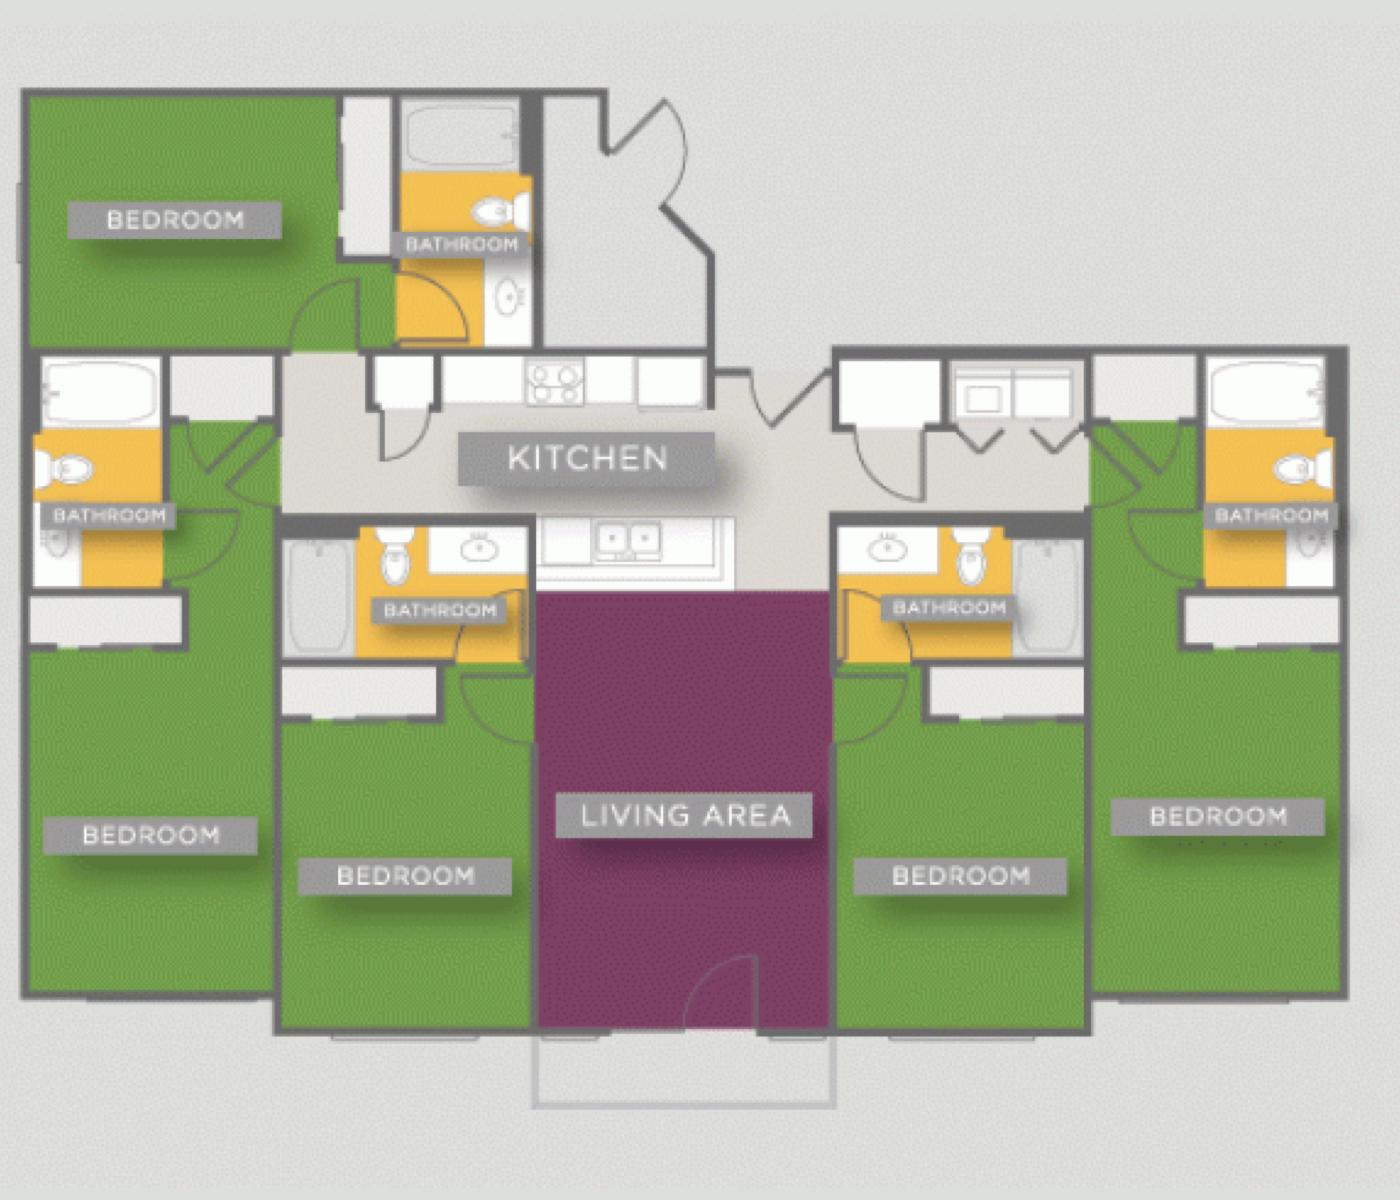 Loft-Vue-student-housing-Big-Tex